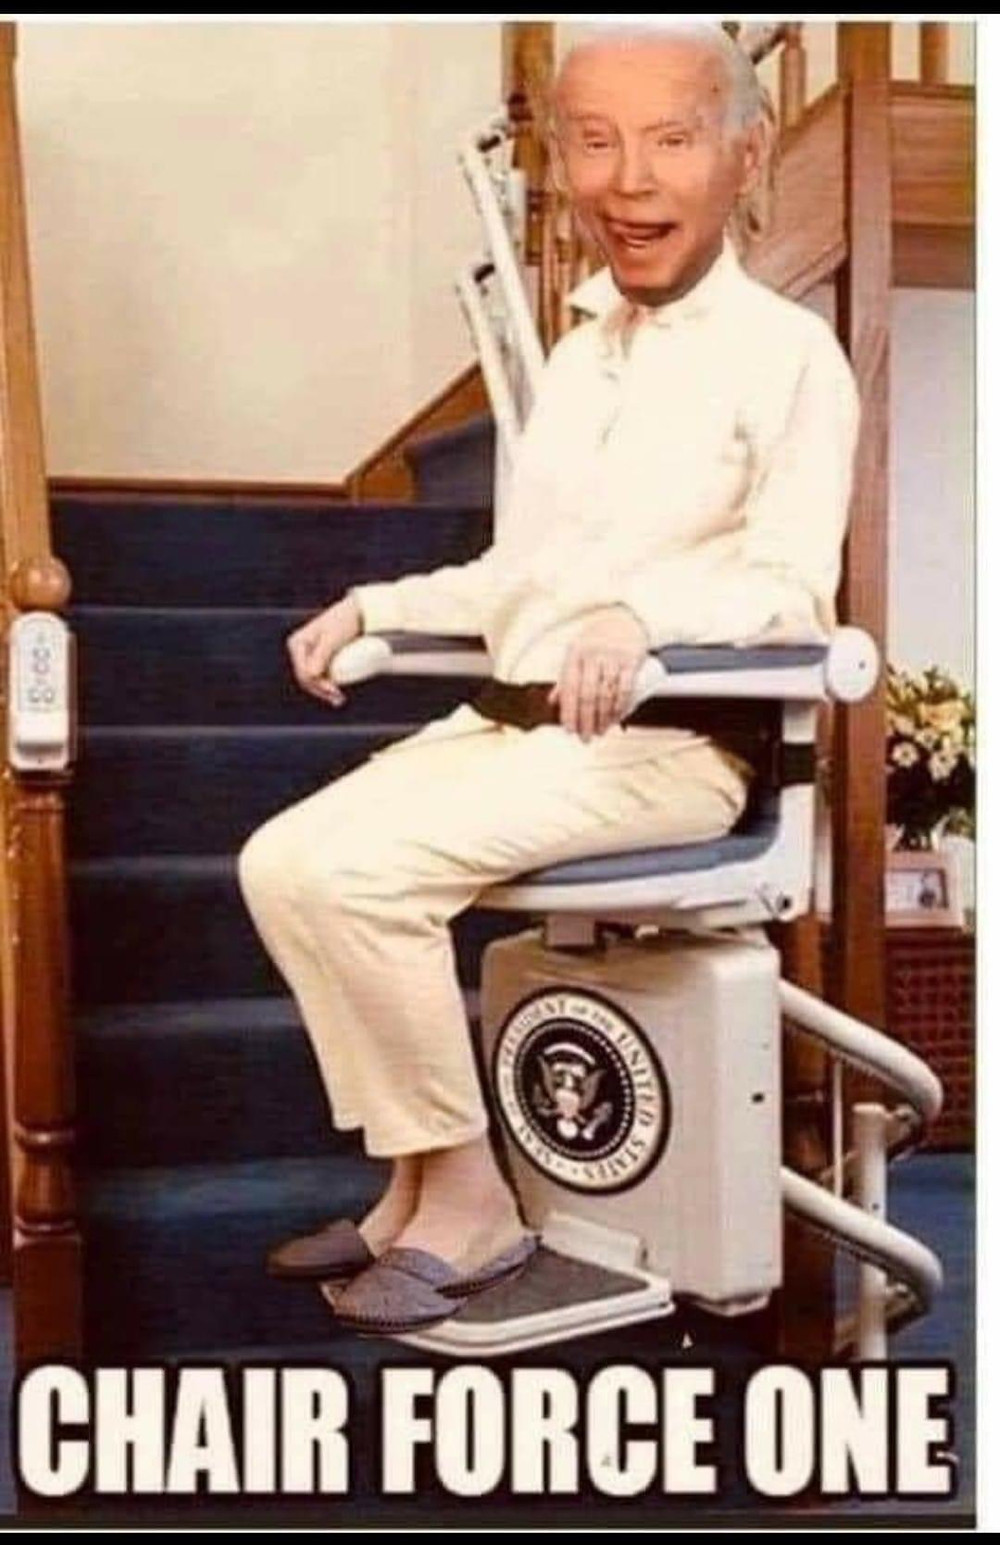 Chair force one Biden